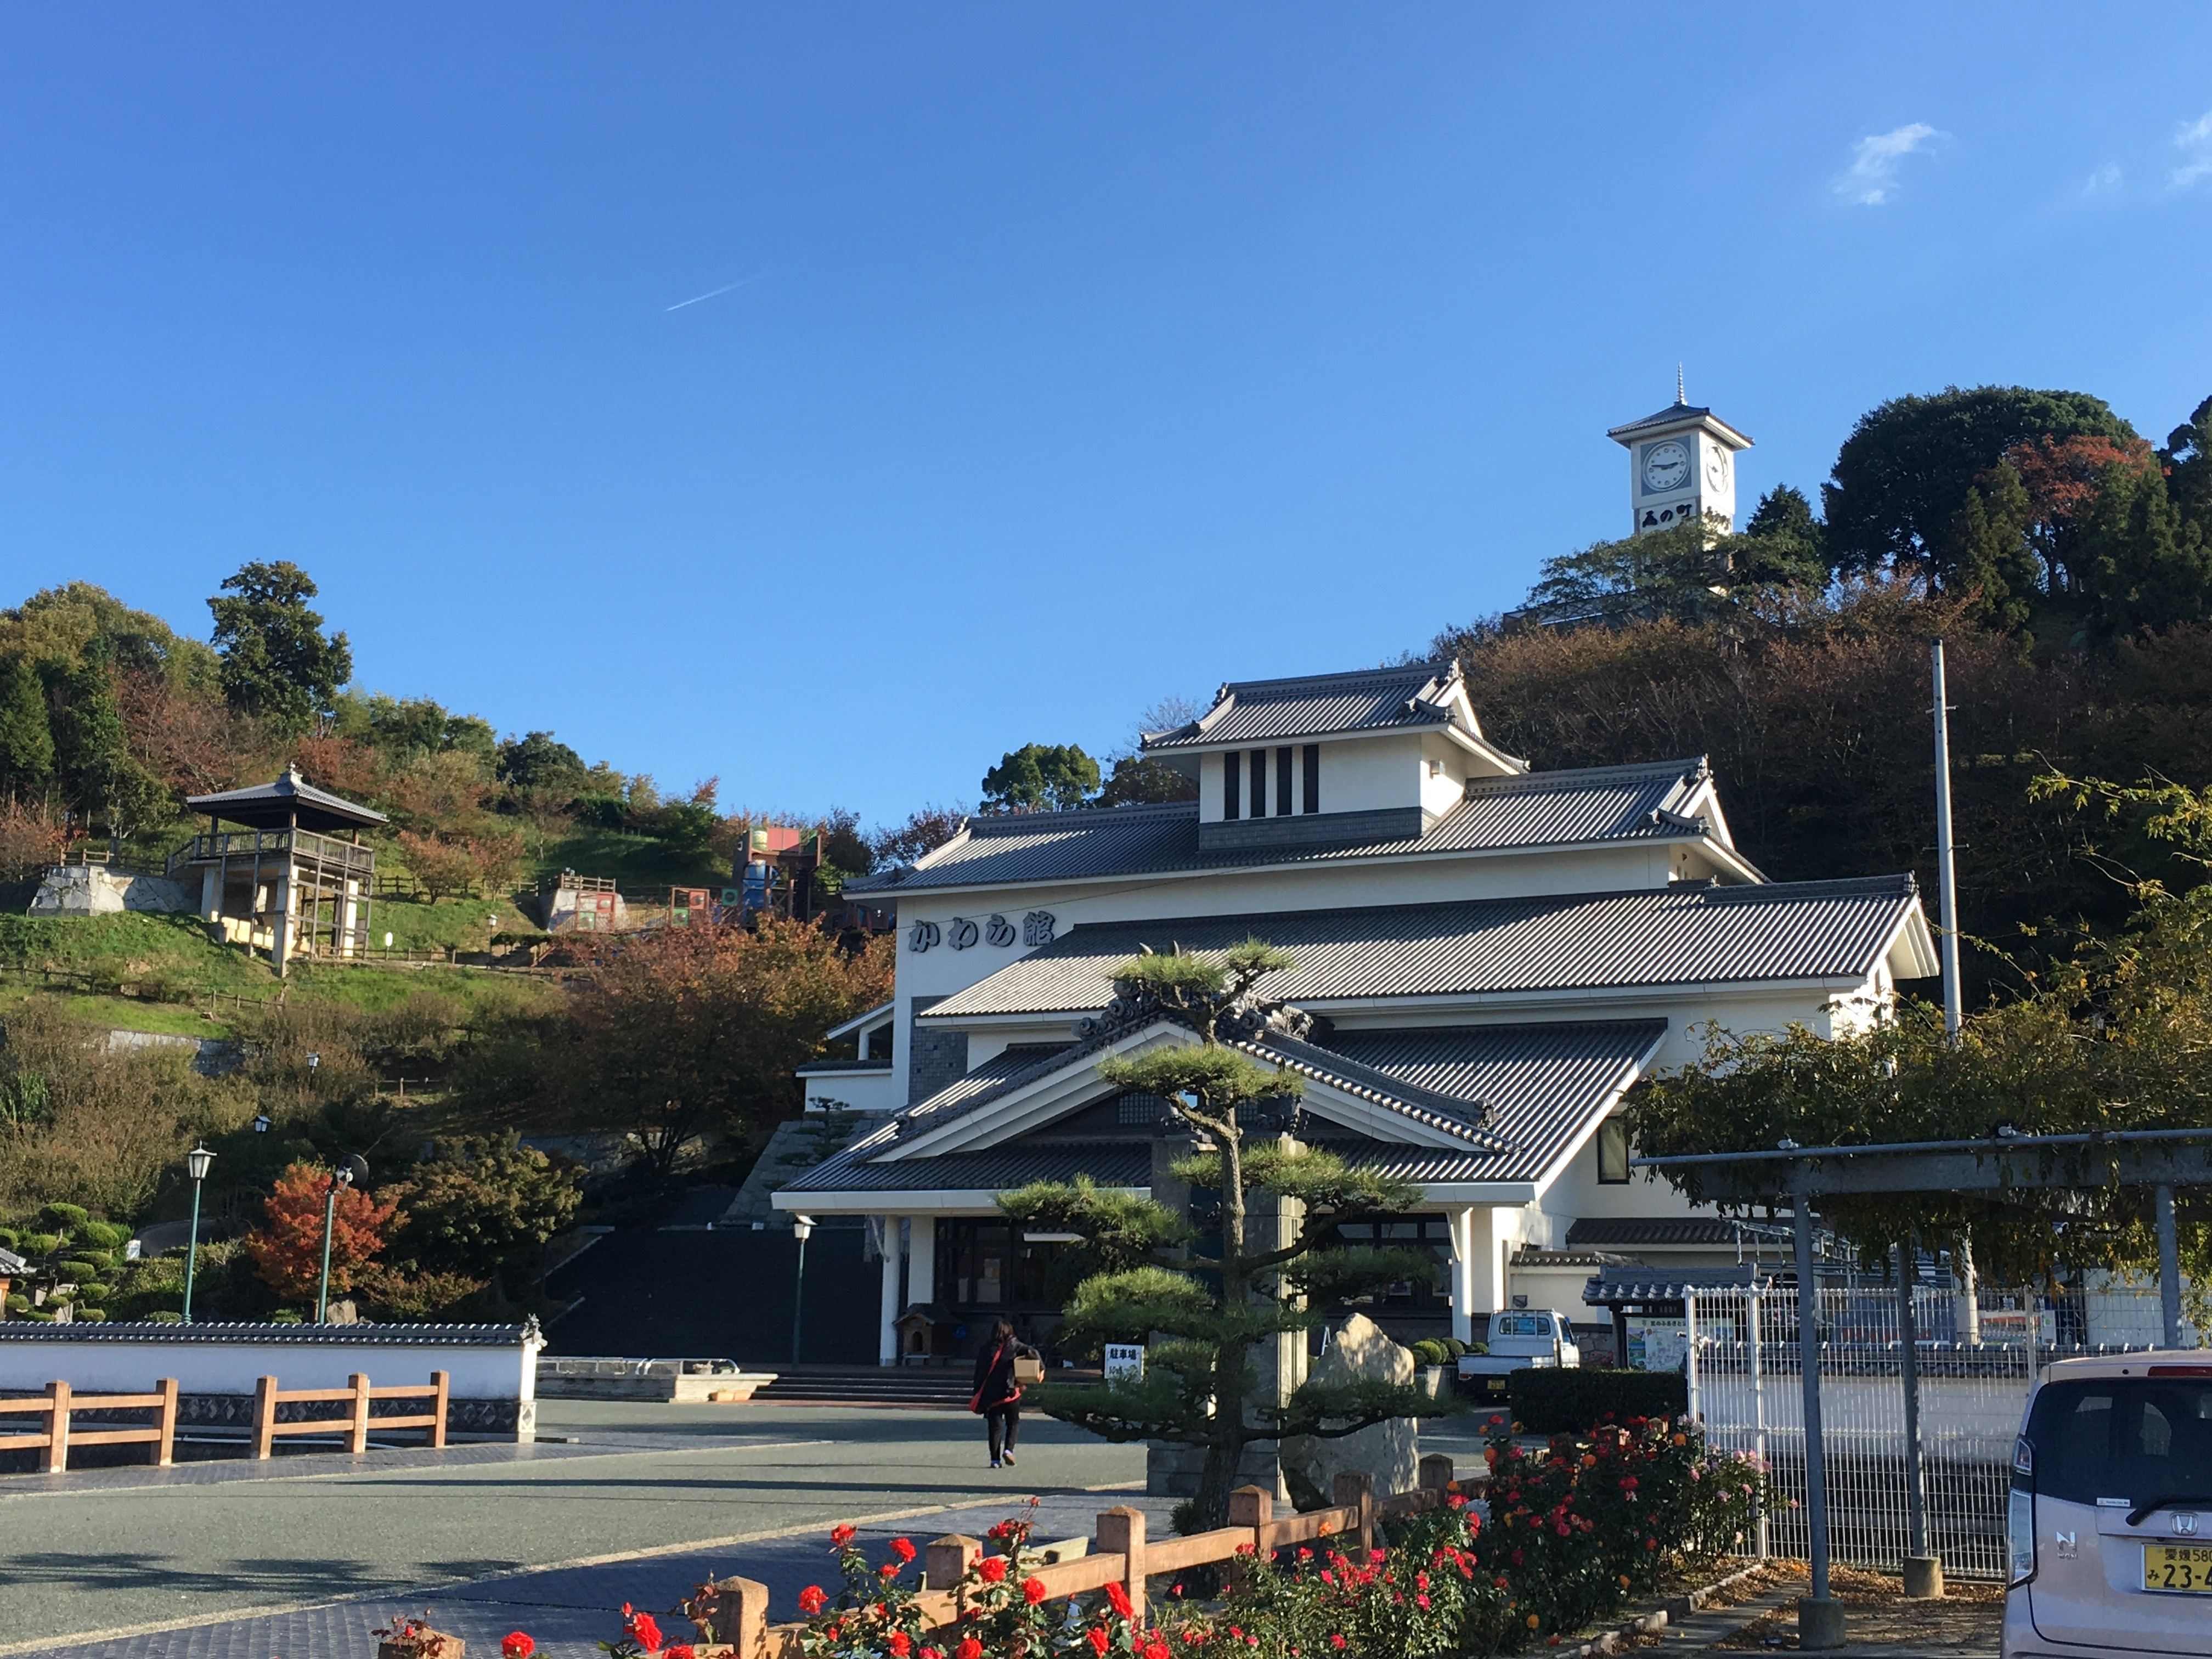 愛媛のゆるキャラの元祖もいた!?「菊間瓦」を学びに、超穴場スポット「菊間かわら館」に行ってきました!